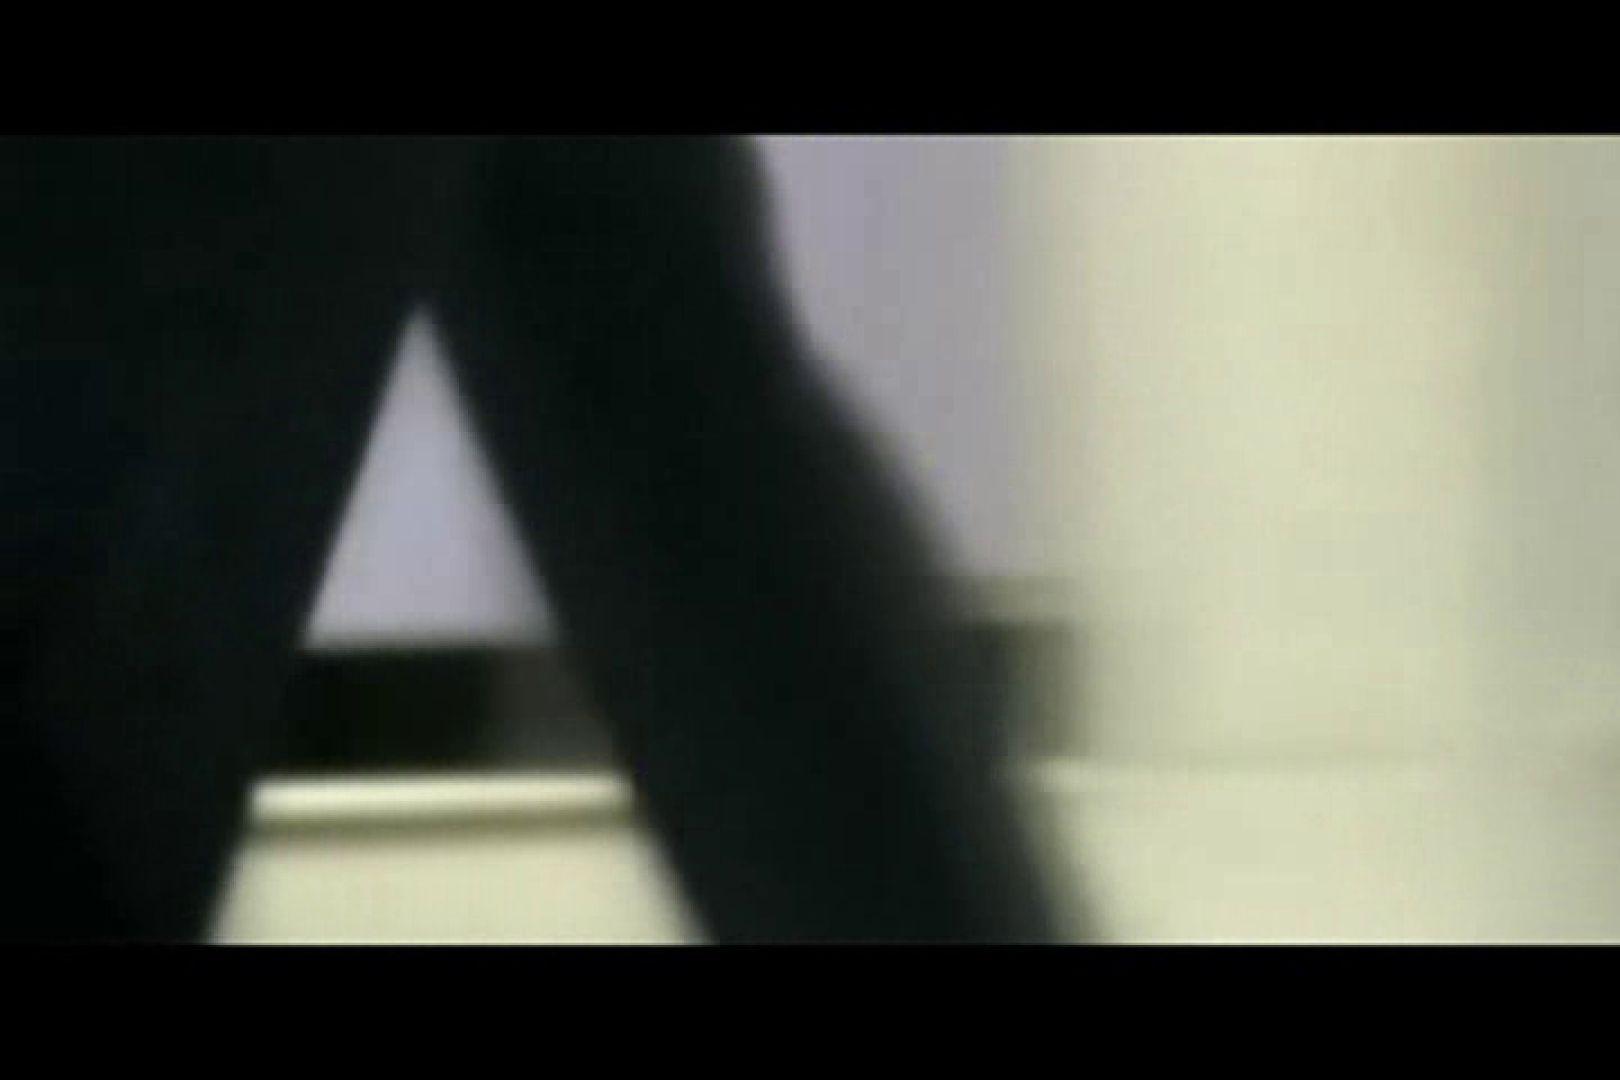 ぼっとん洗面所スペシャルVol.18 生おまんこ   OLエロ画像  63PICs 34